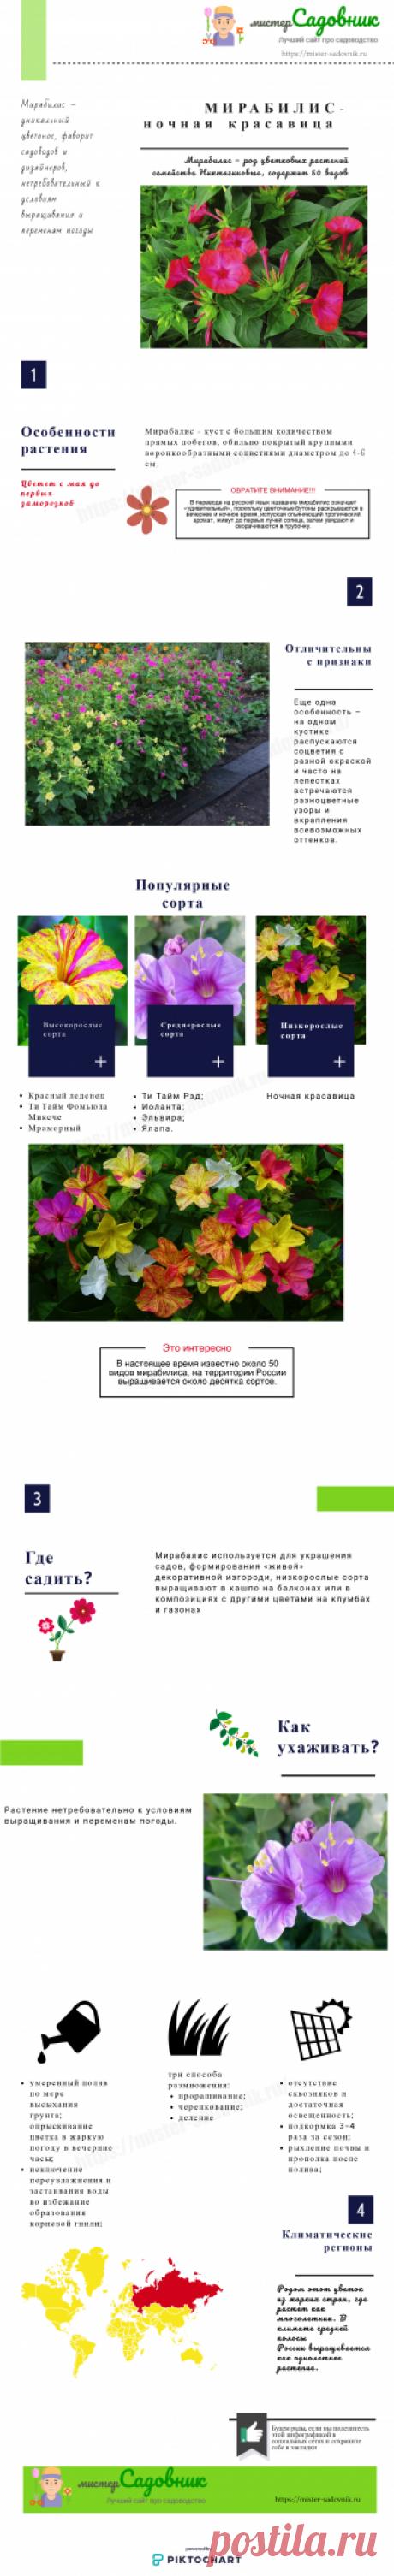 Мираблис или ночная красавица - особенности выращивания цветка